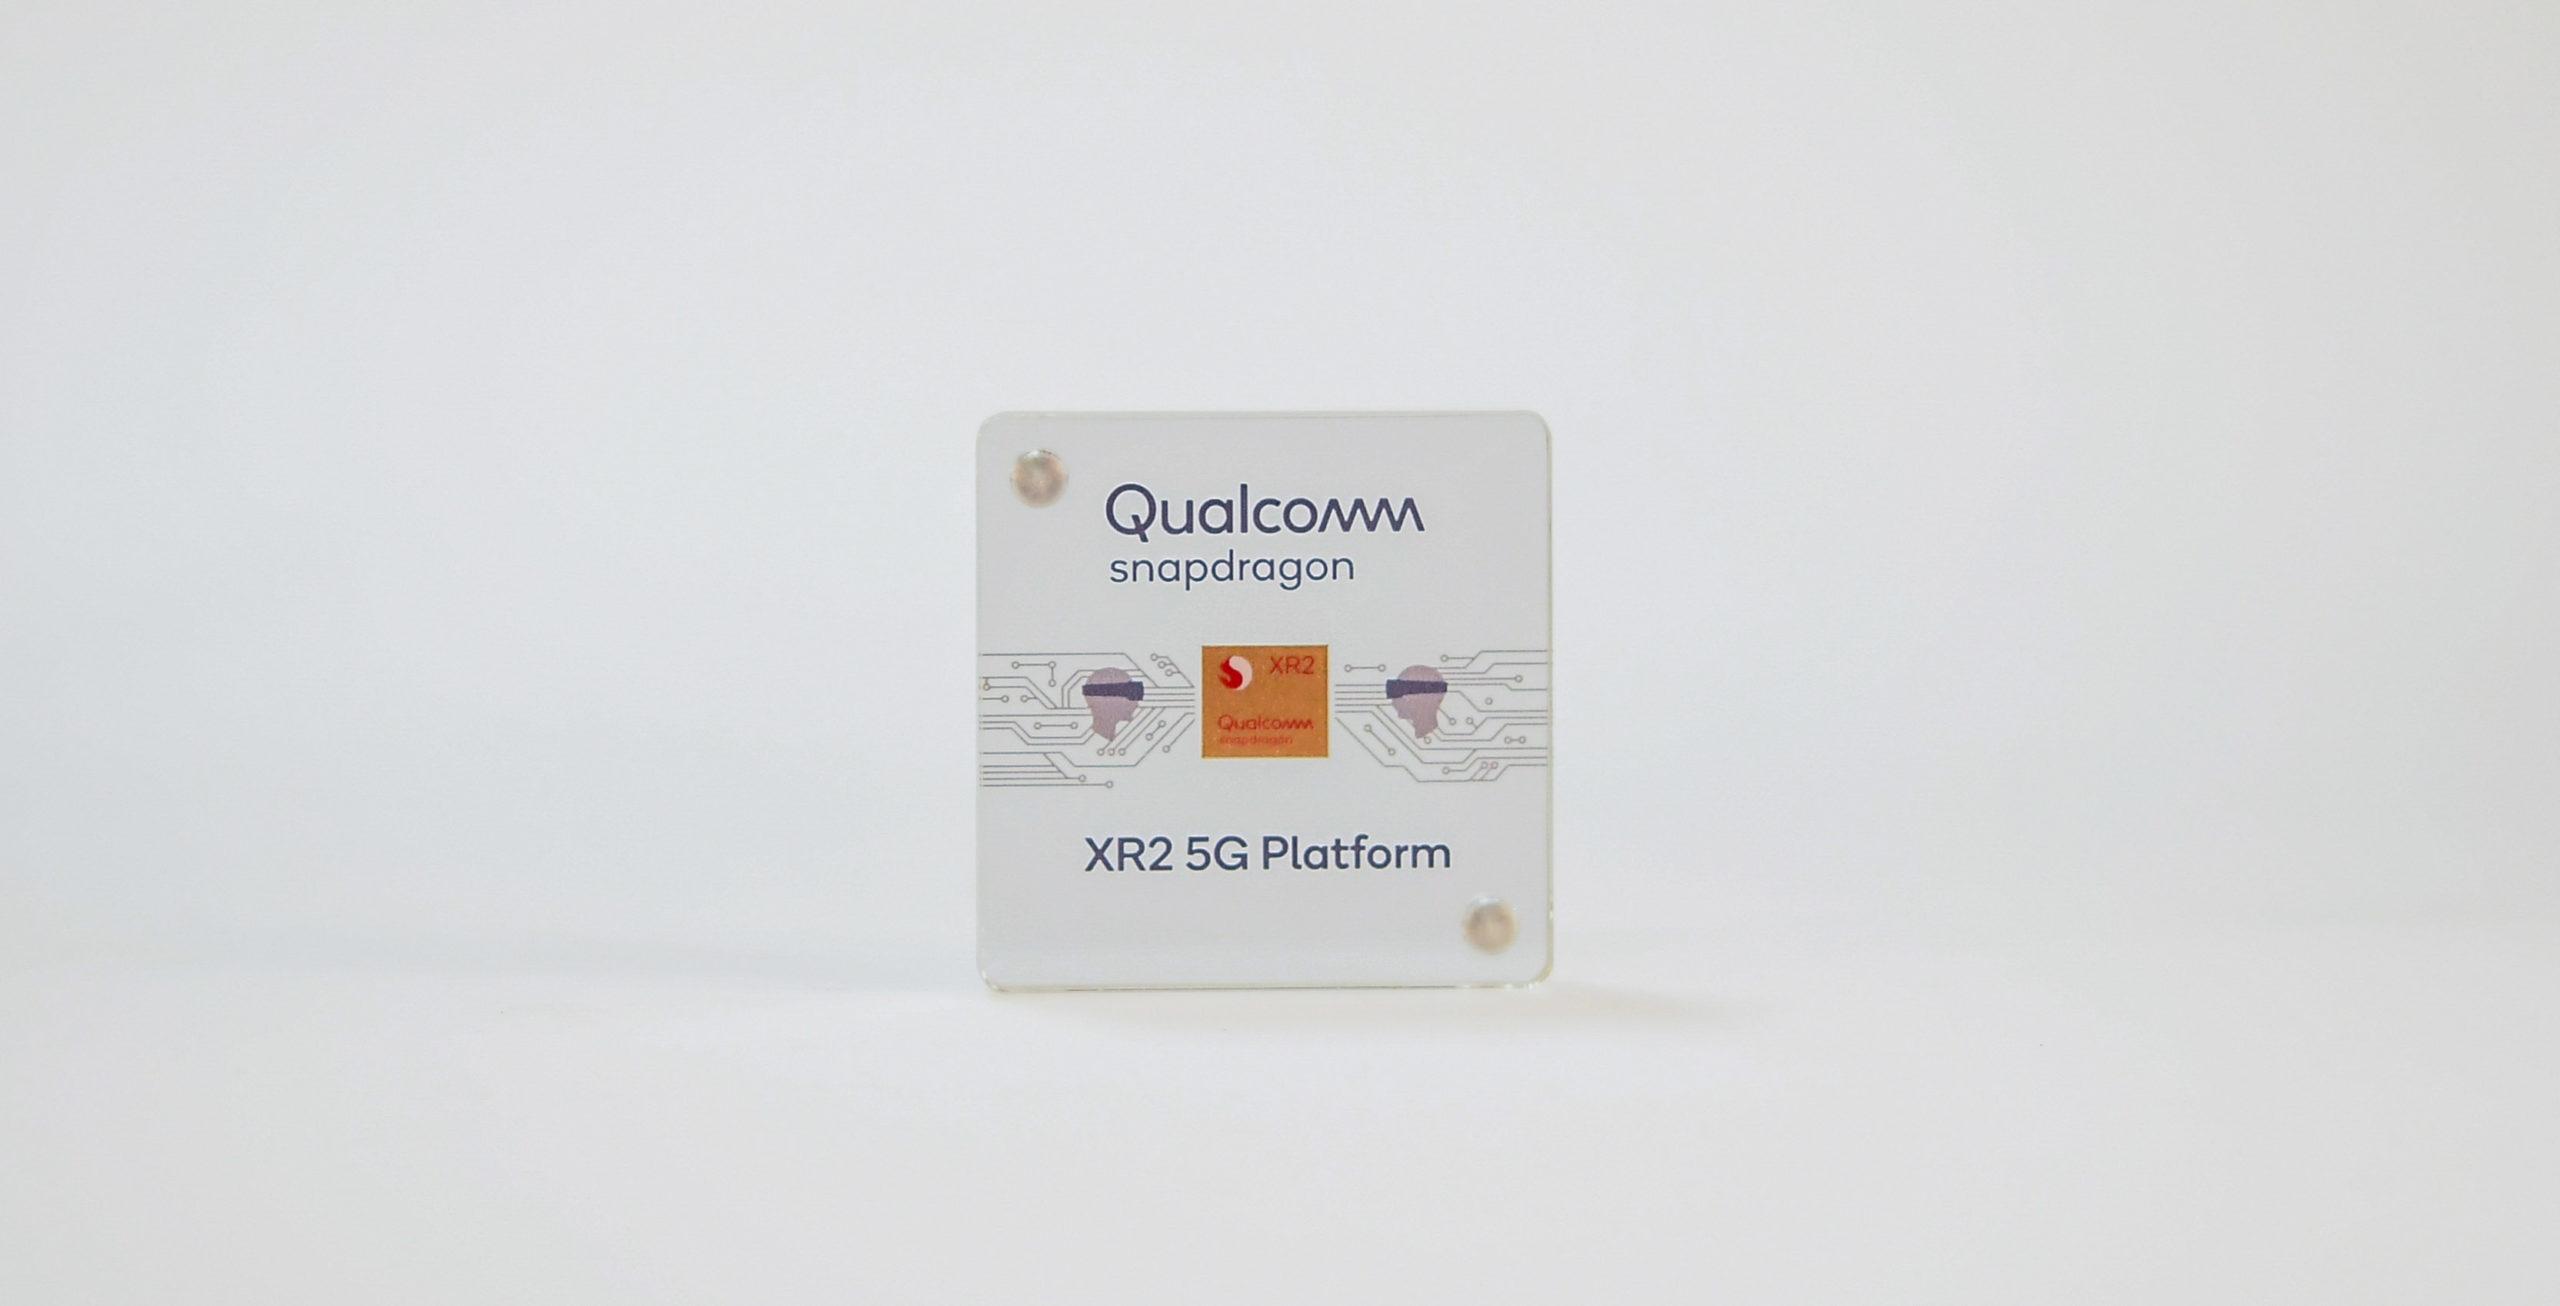 Snapdragon XR2